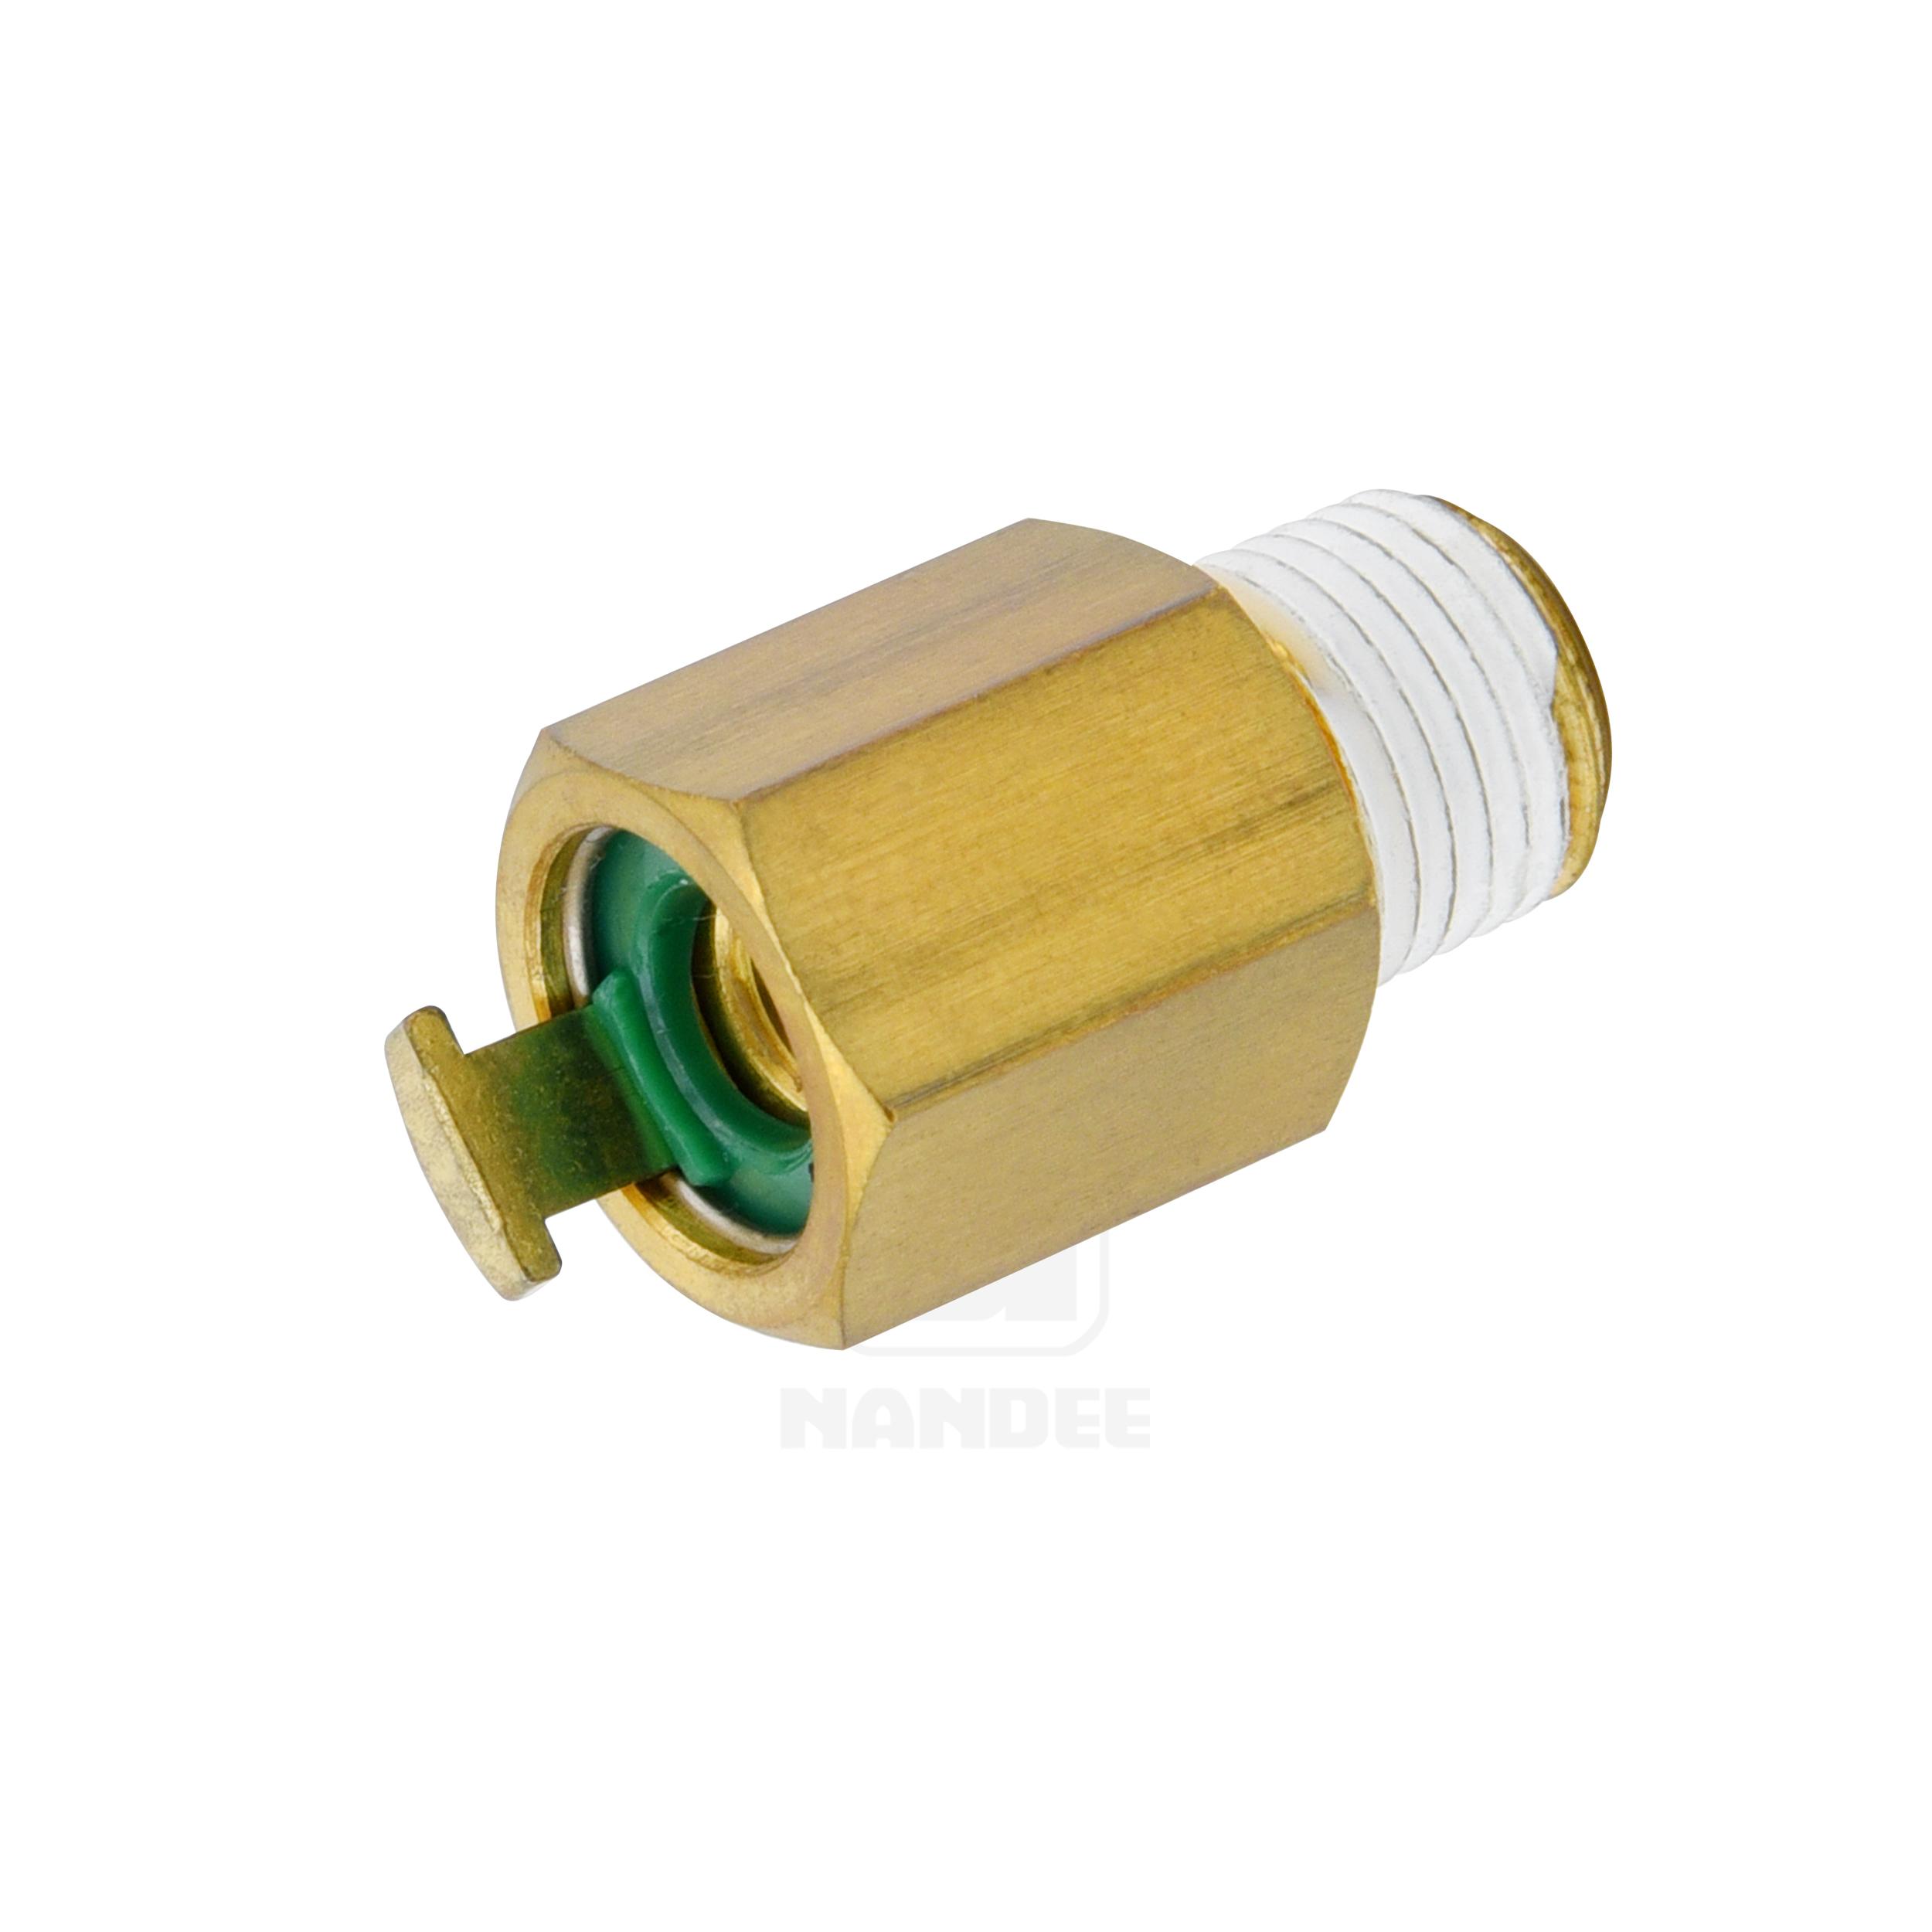 ข้อต่อฟิตติ้งทองเหลือง (Spring lock) Touch connector